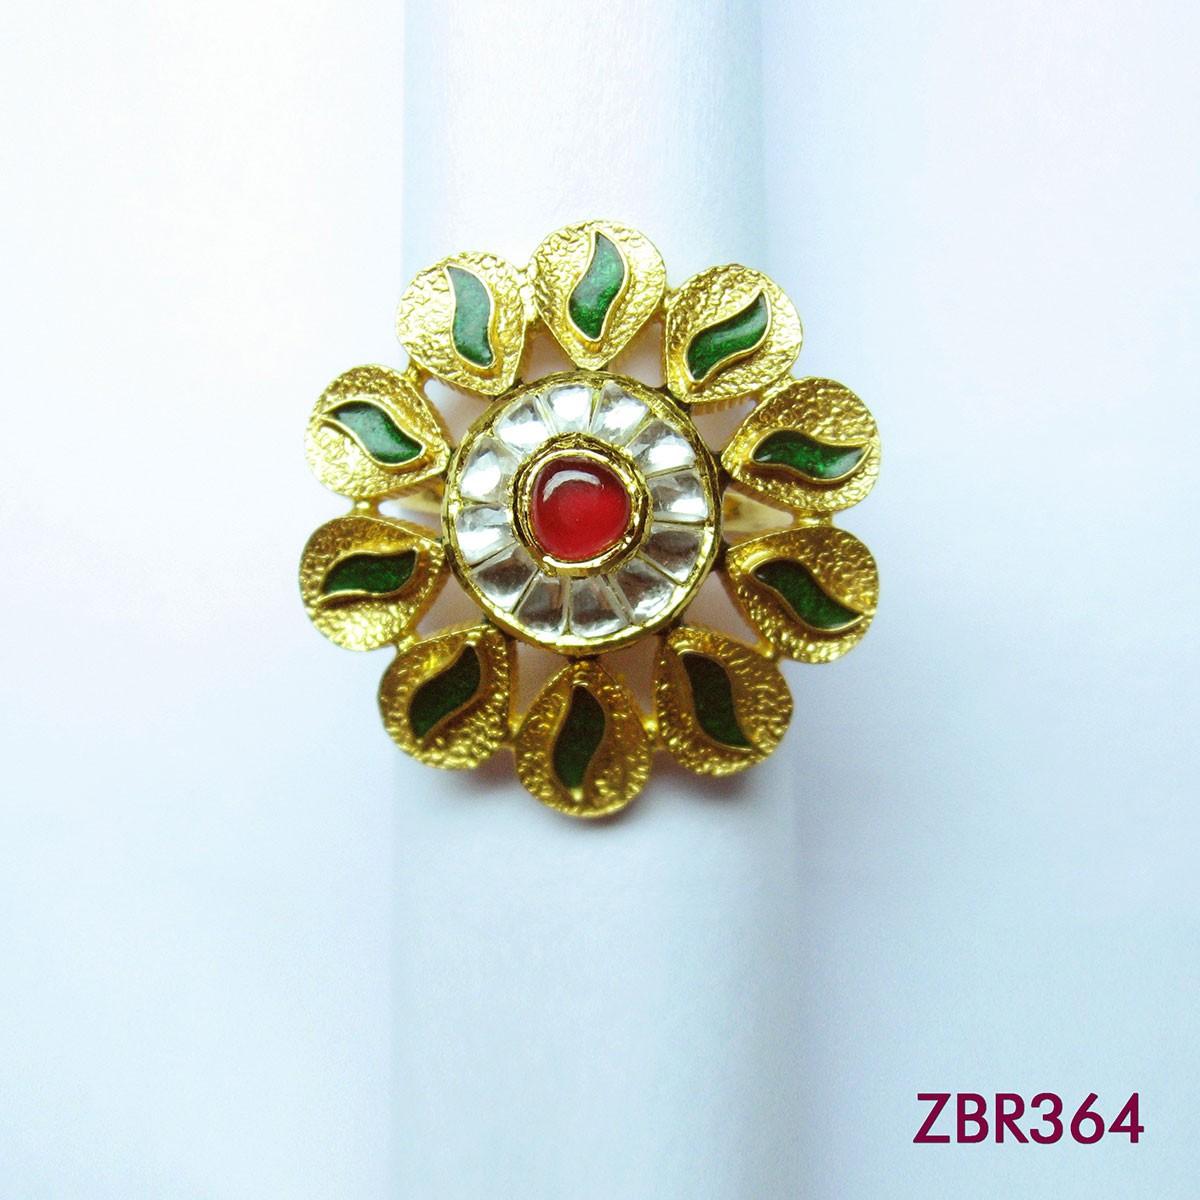 ZBR364